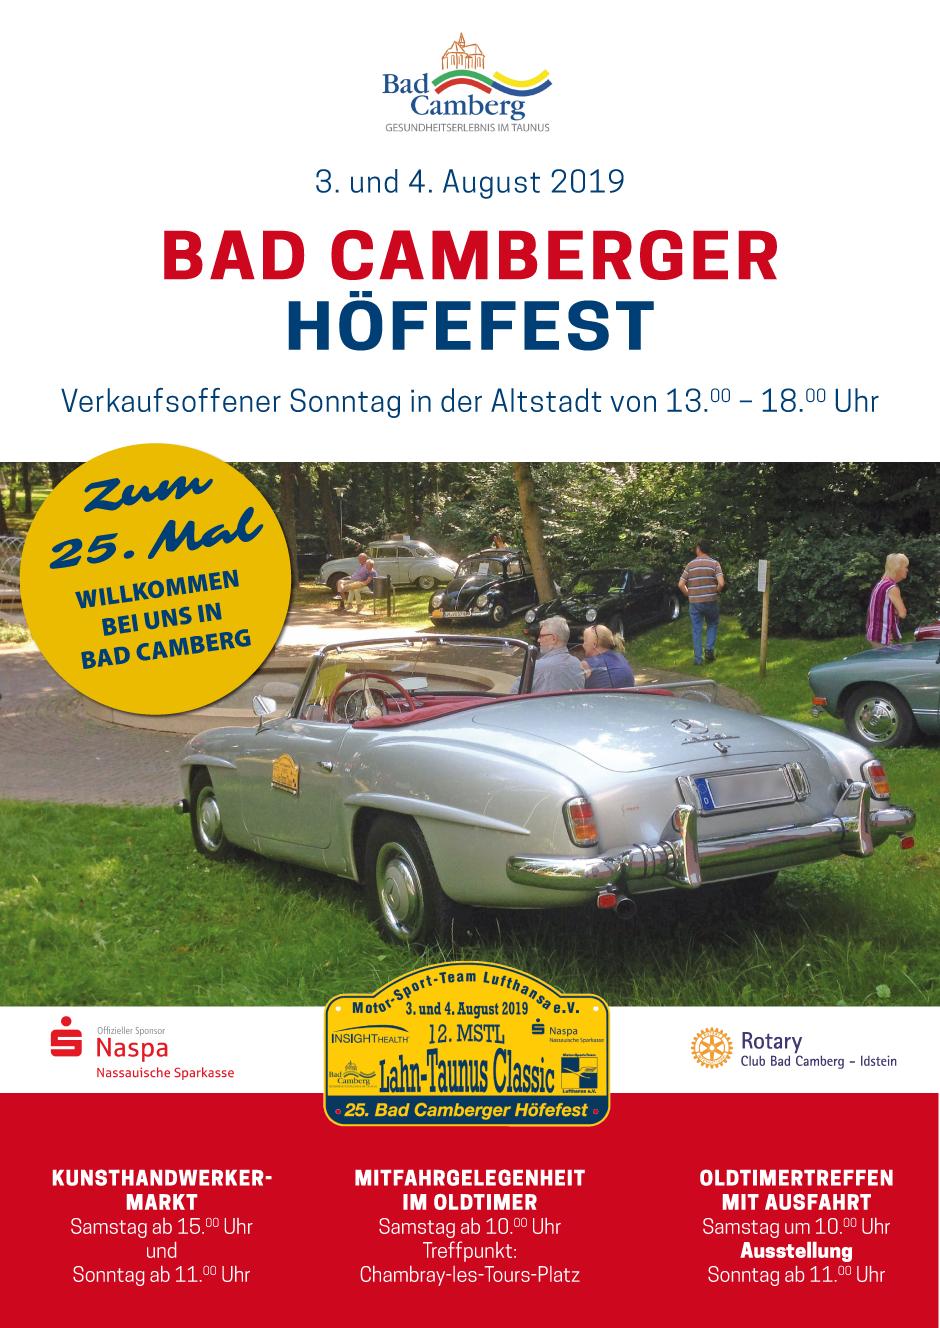 Bad Camberger Höfefest